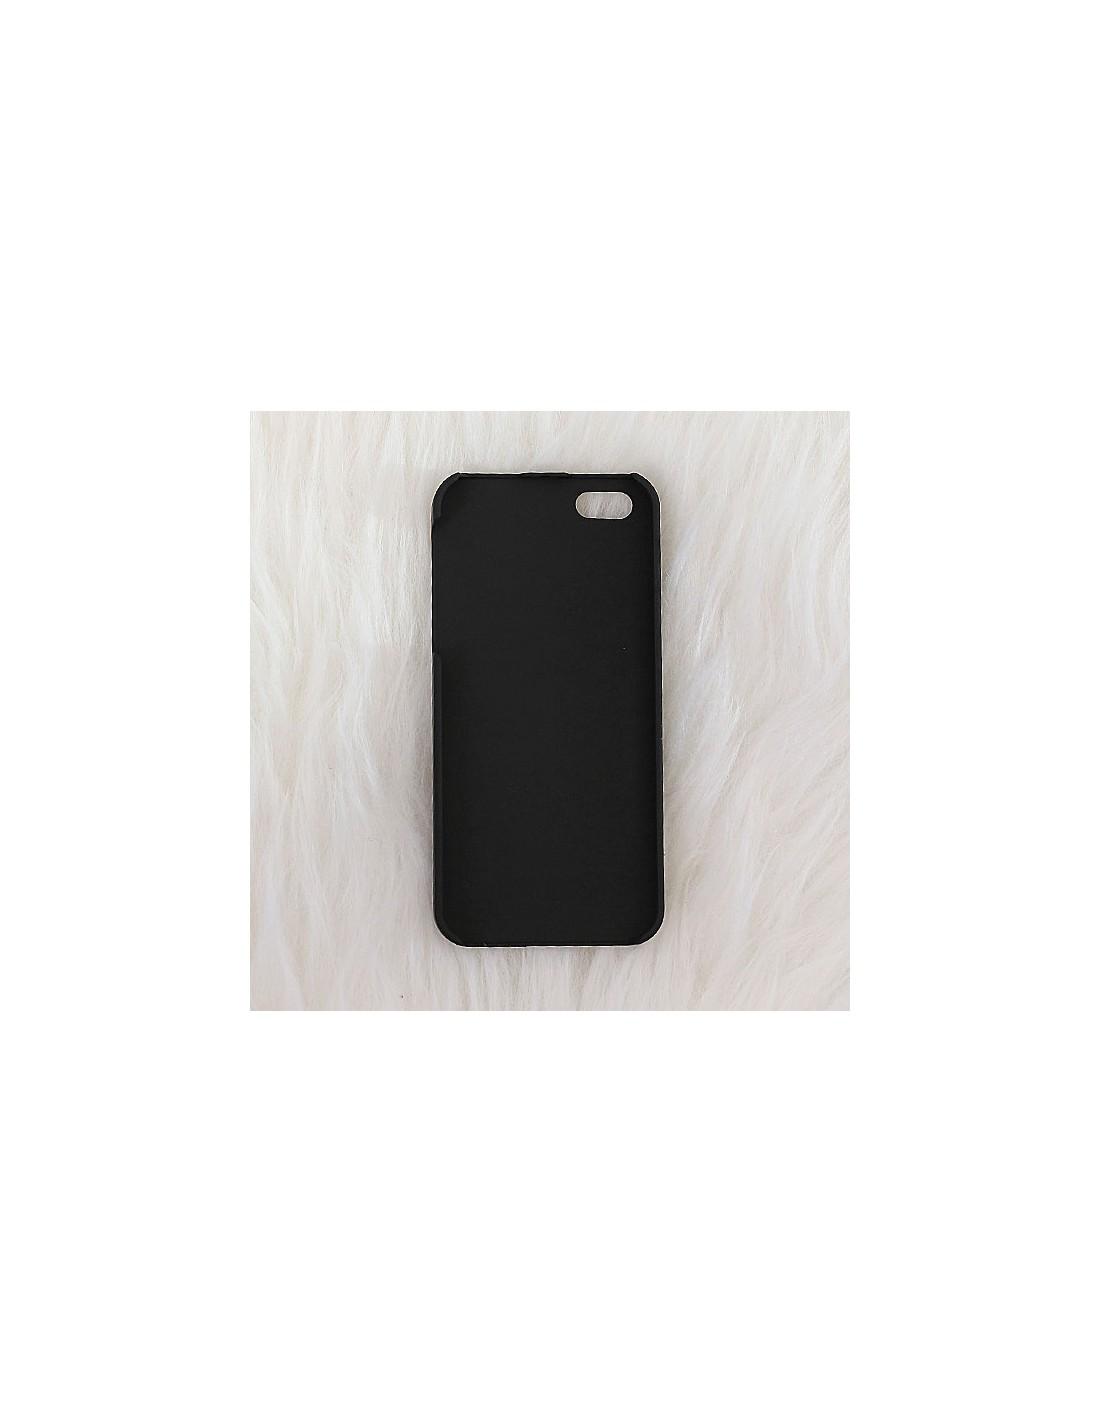 Coque girafe en miroir noir gravure dor e pour iphone 5 et for Application miroir pour iphone